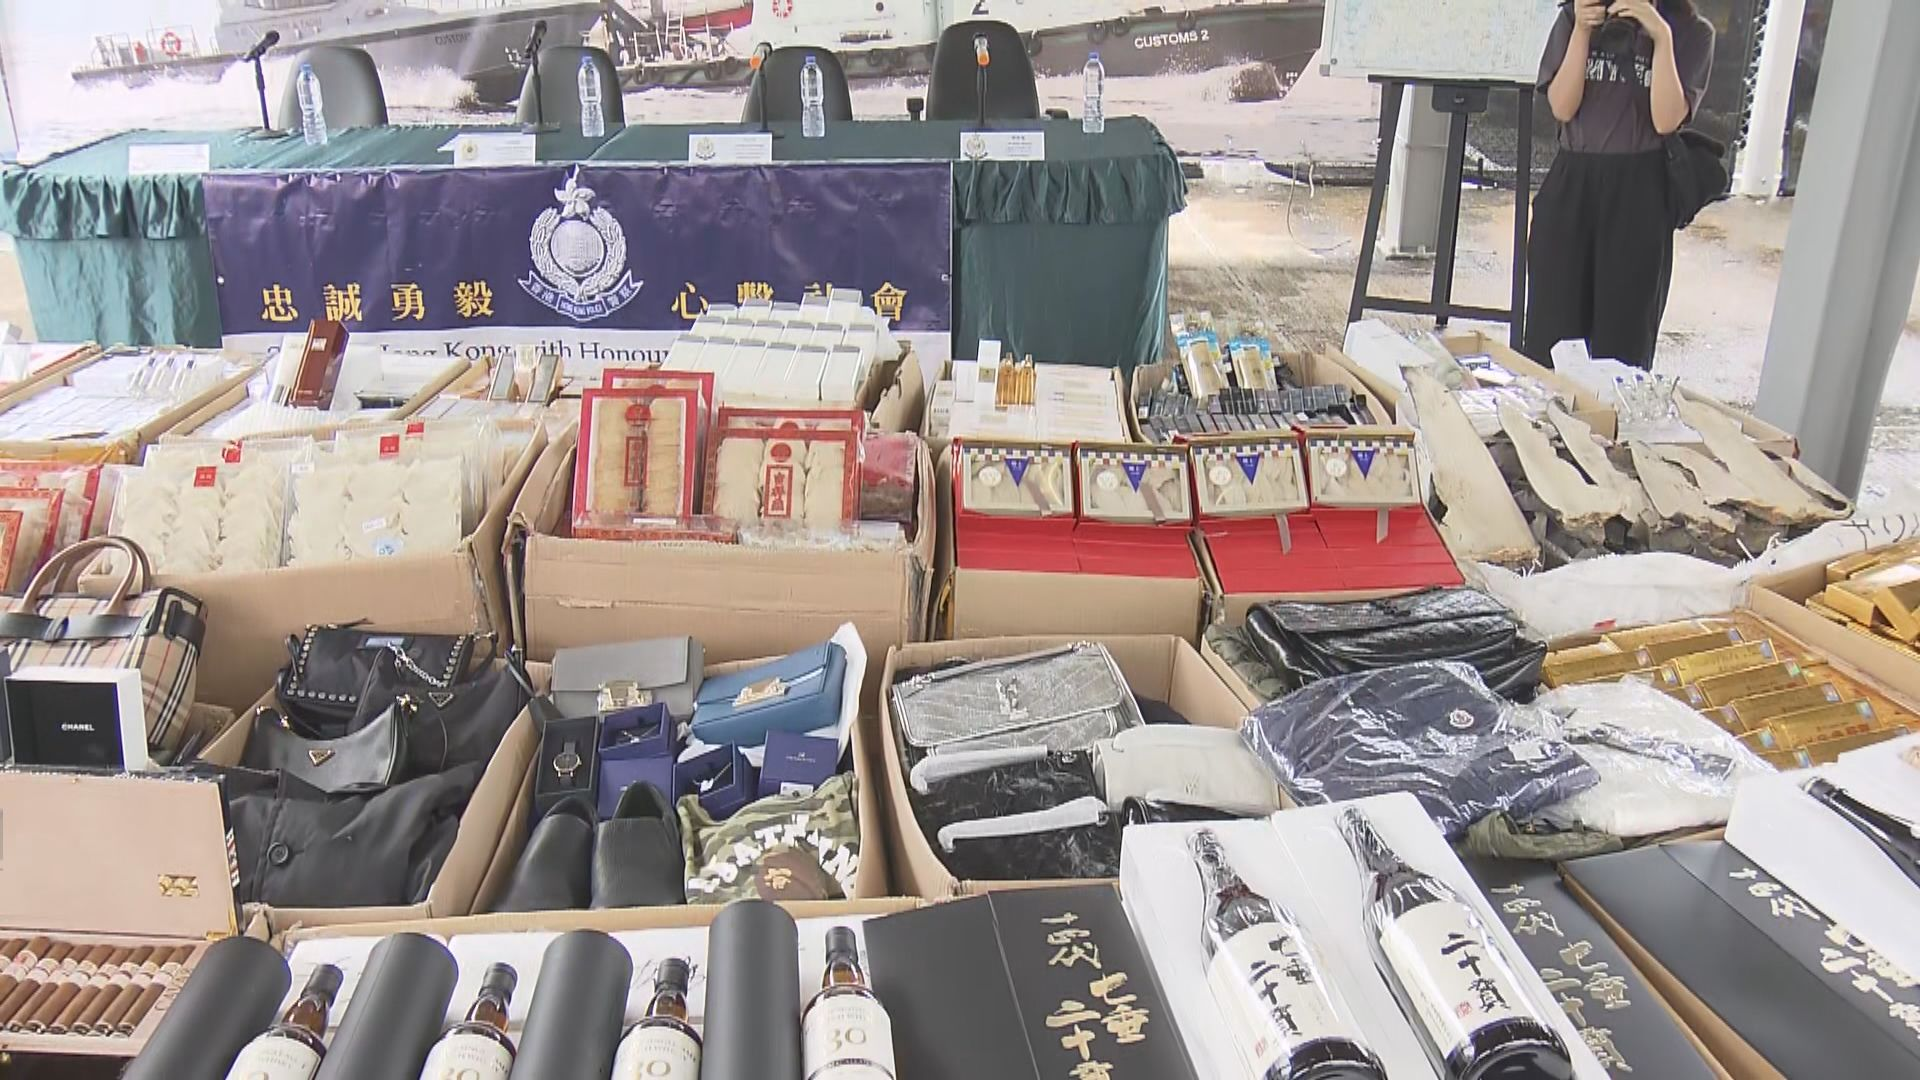 警方及海關聯合反走私 檢獲1840萬元貨物